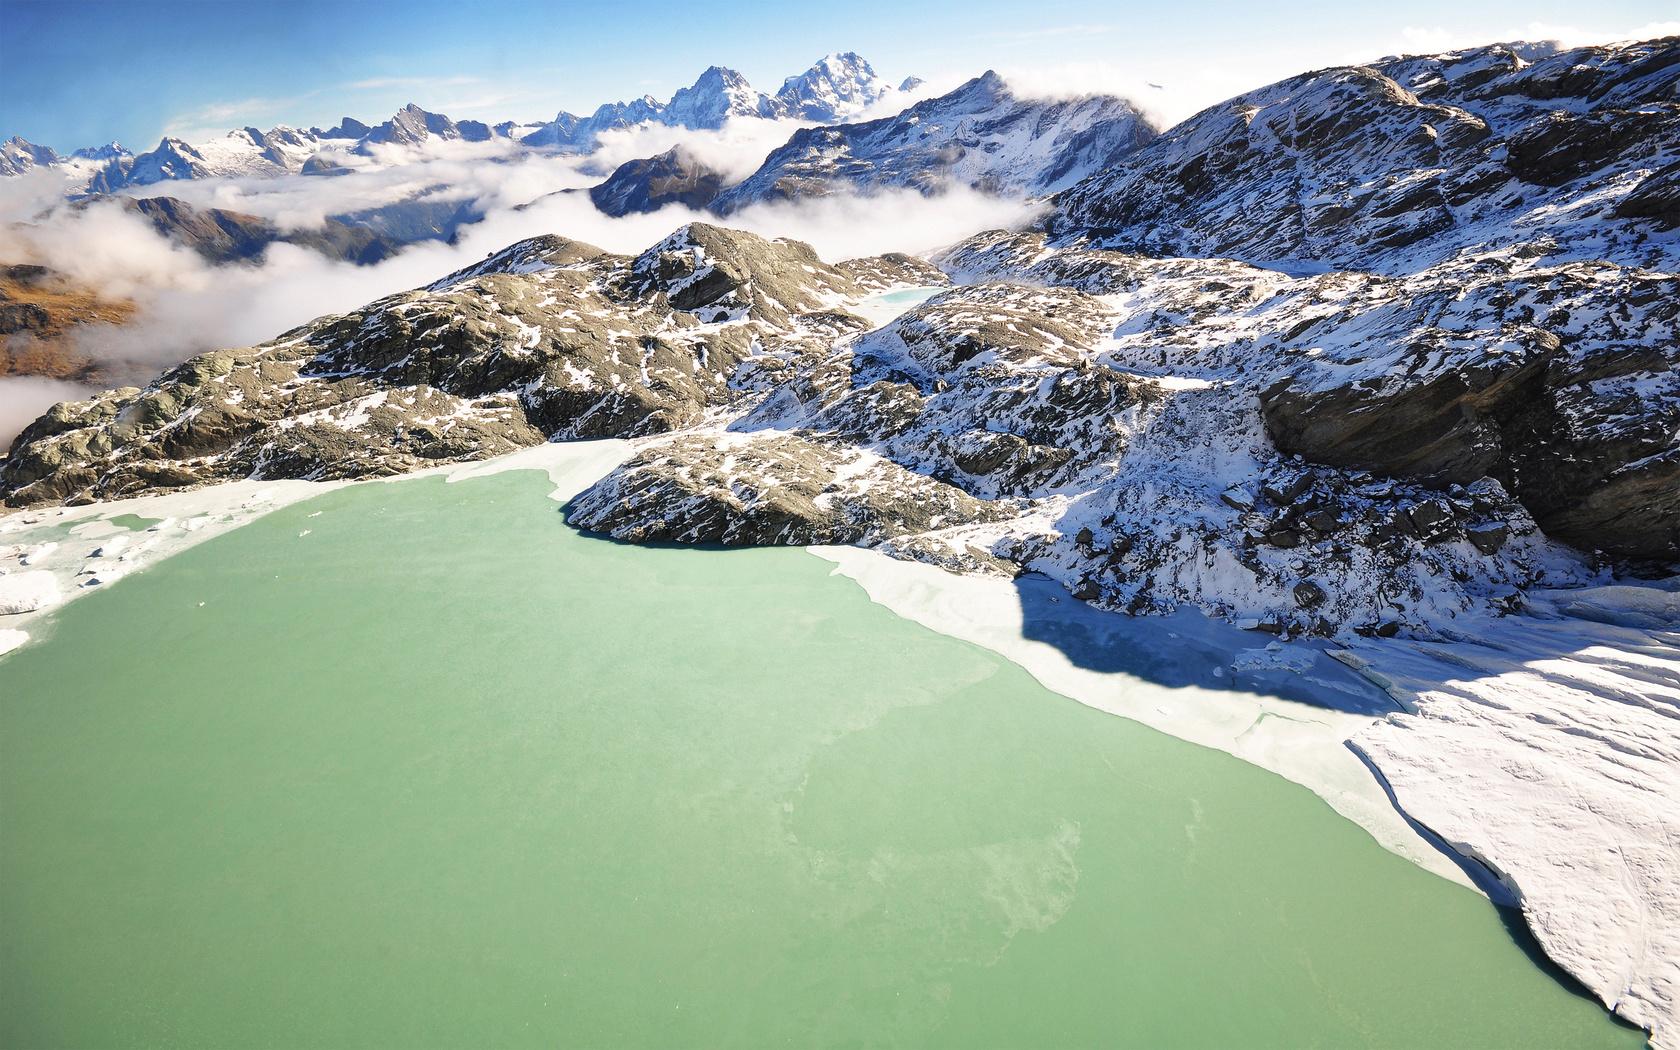 горы, Lake wakatipu, озеро, new zealand, новая зеландия